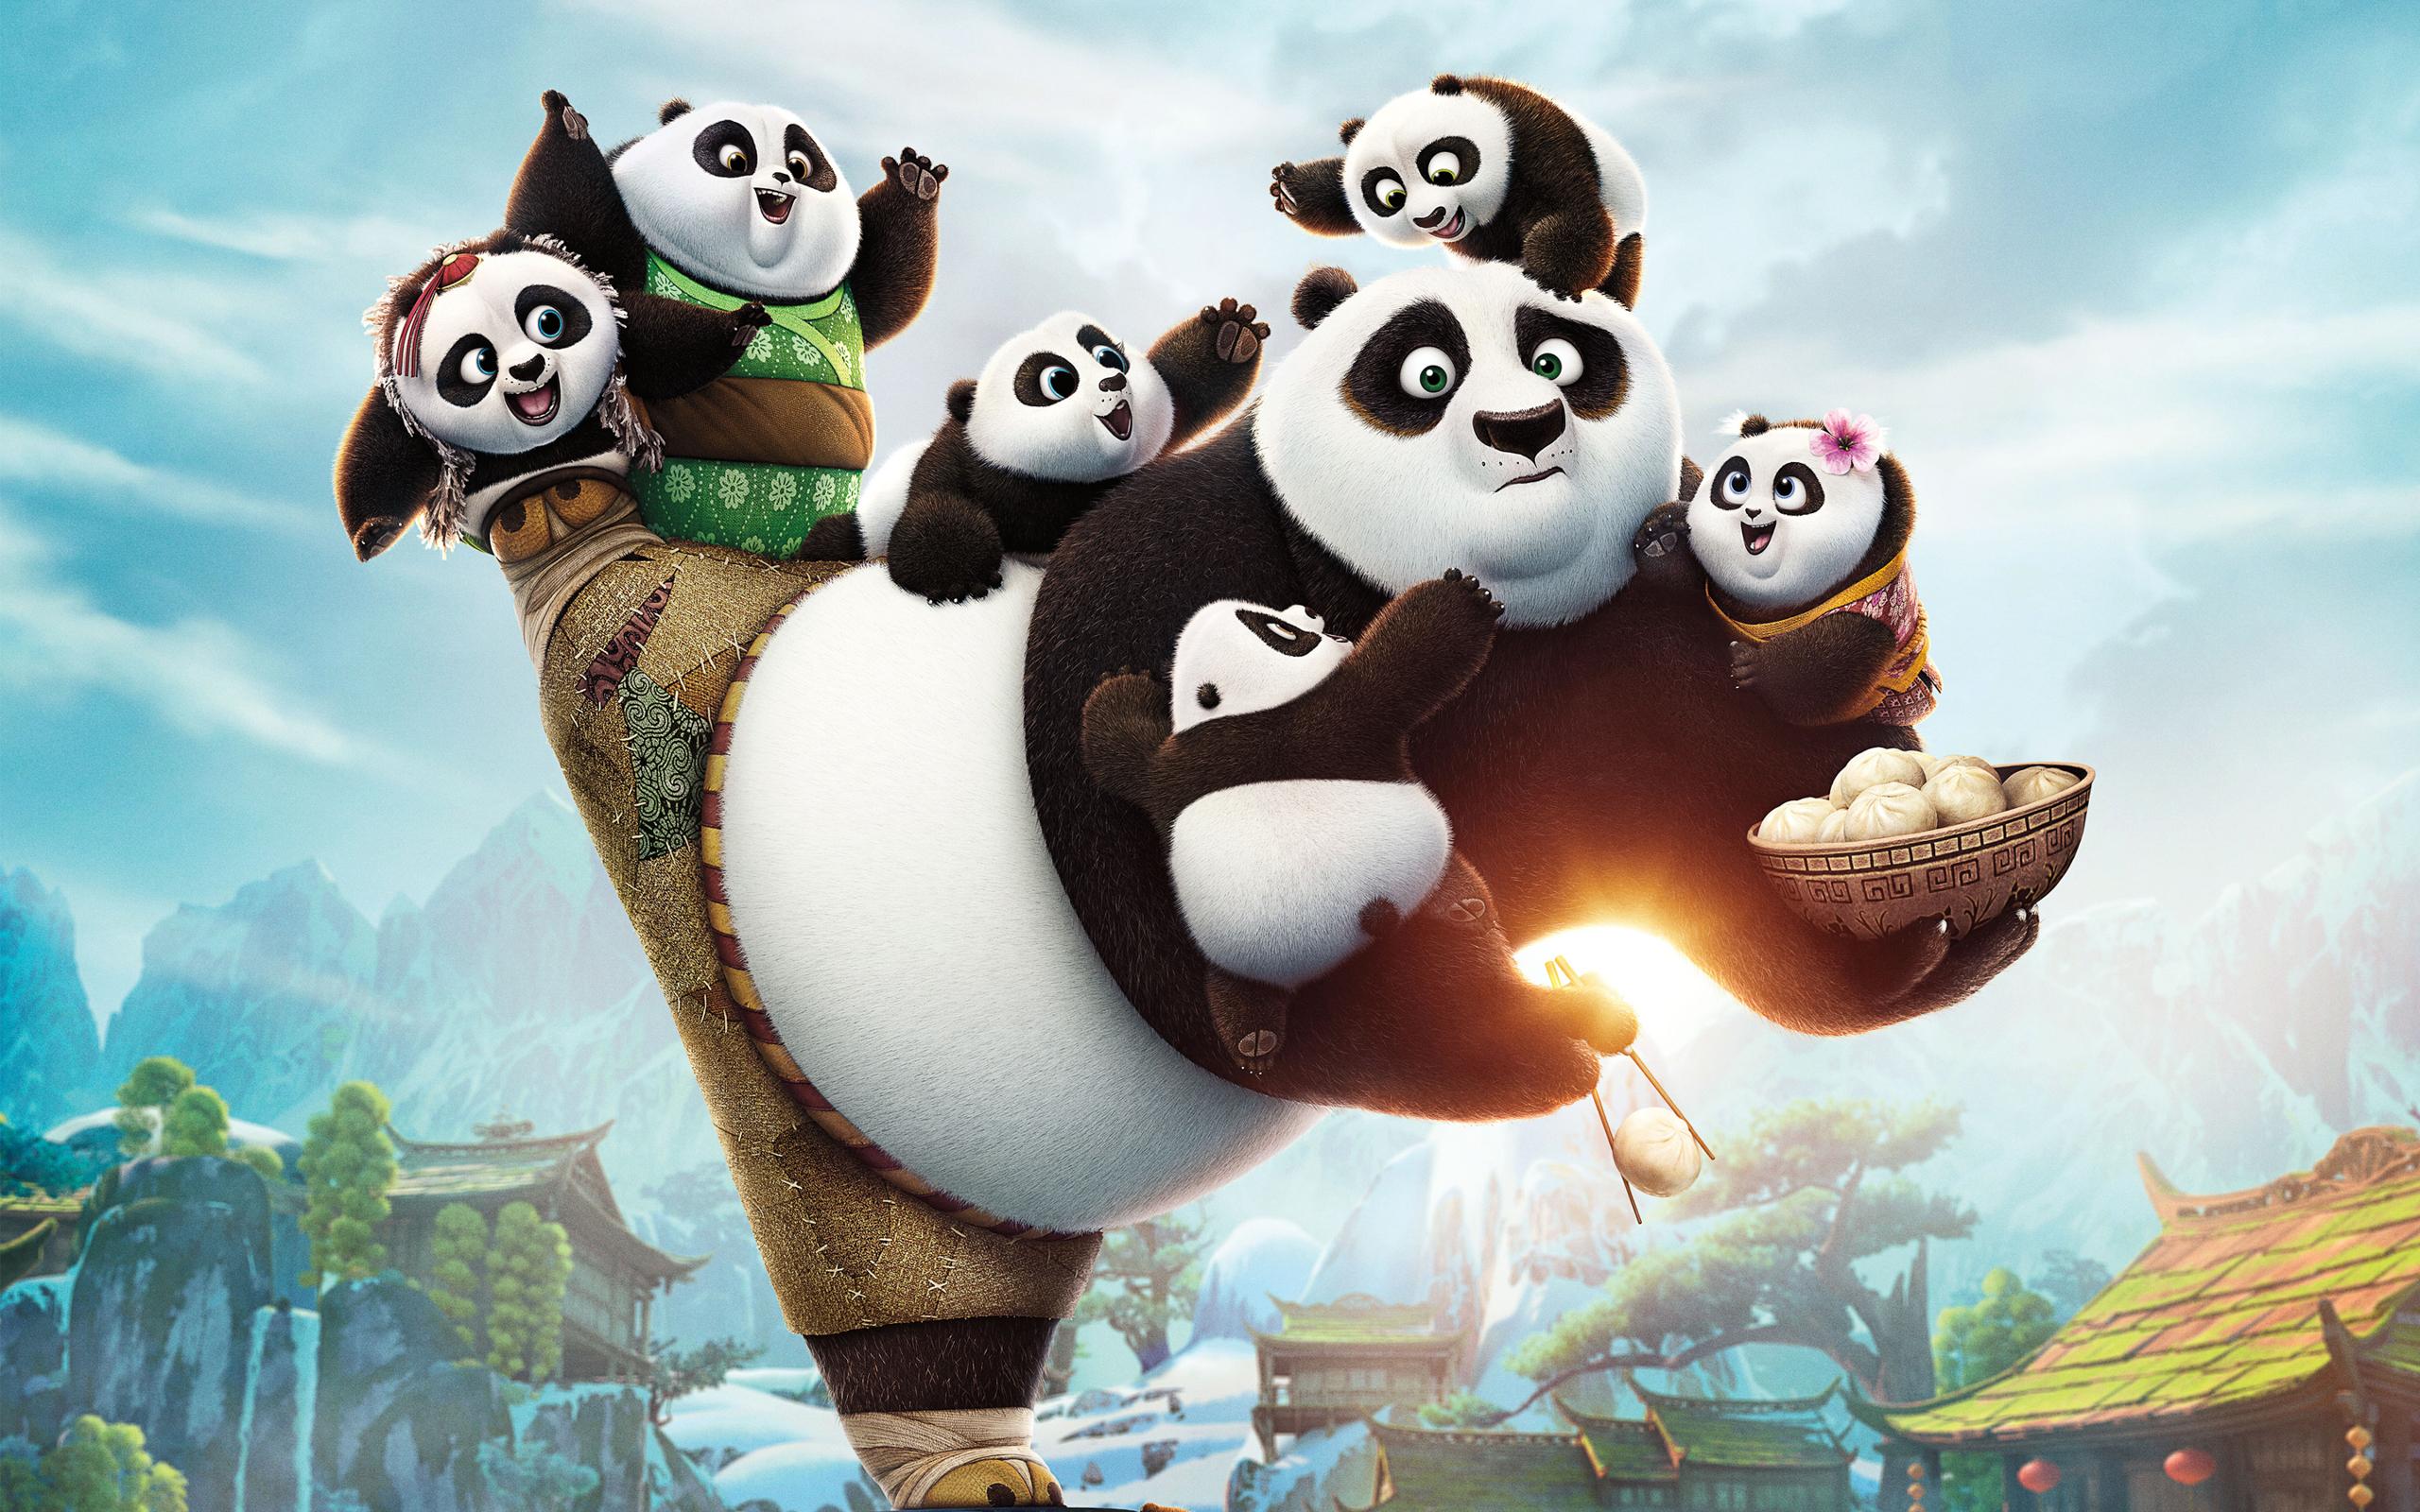 Кунг-фу панда 3 обои для рабочего стола, картинки и фото rabstol. Net.